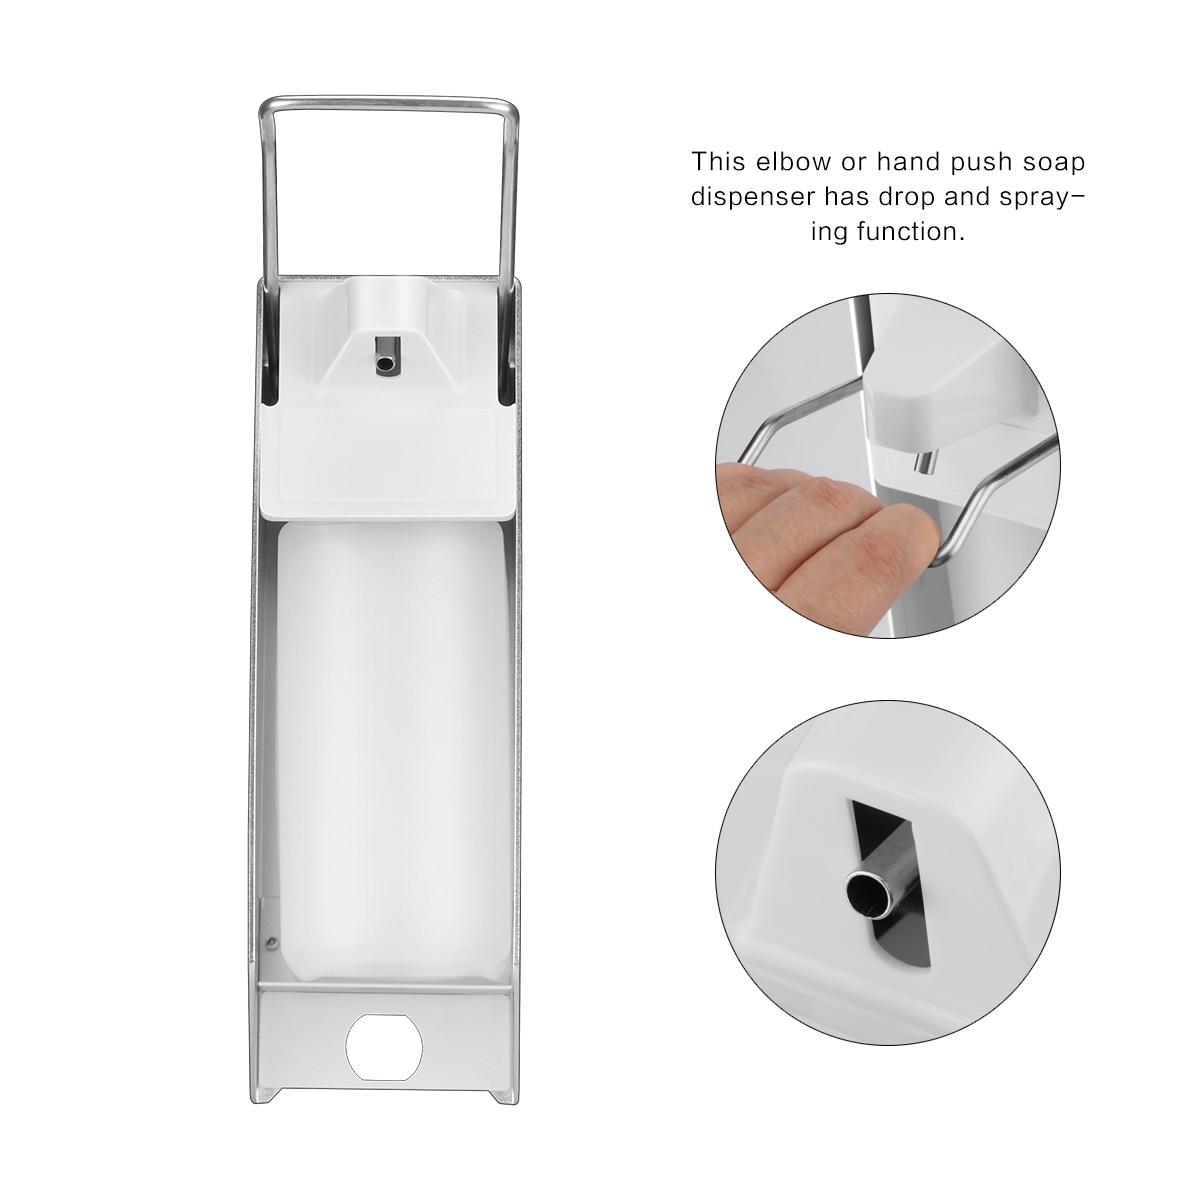 Ha6d9199bb7d0465894461b4e4a5ab56aX Wall-Mount Liquid Soap Dispenser Pump Hospital Elbow Press Hand Sanitizer Soap Dispenser Bottle For Kitchen Hotel Bathroom